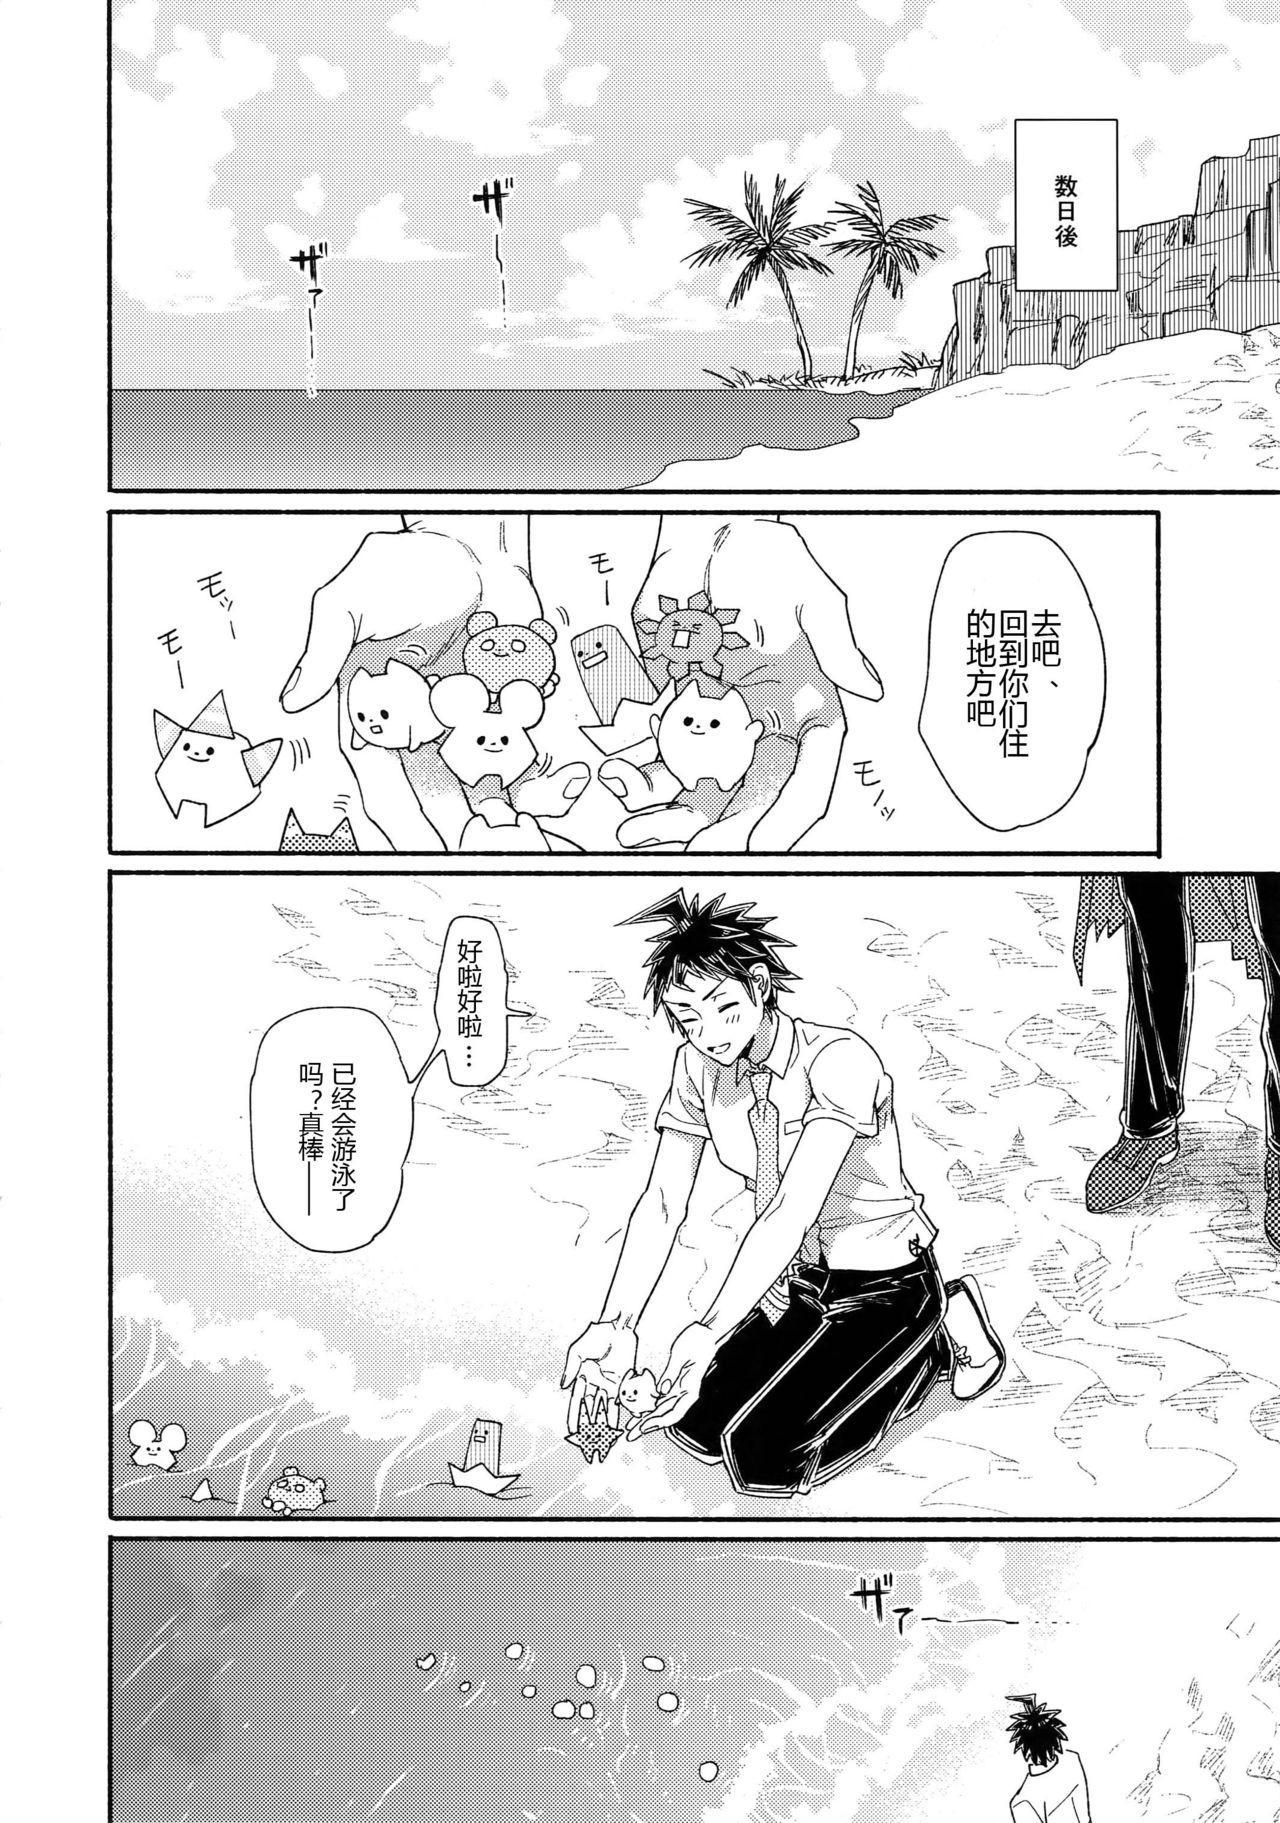 Tsunaide! Shokushu-kun! 连接吧!触手君! 50